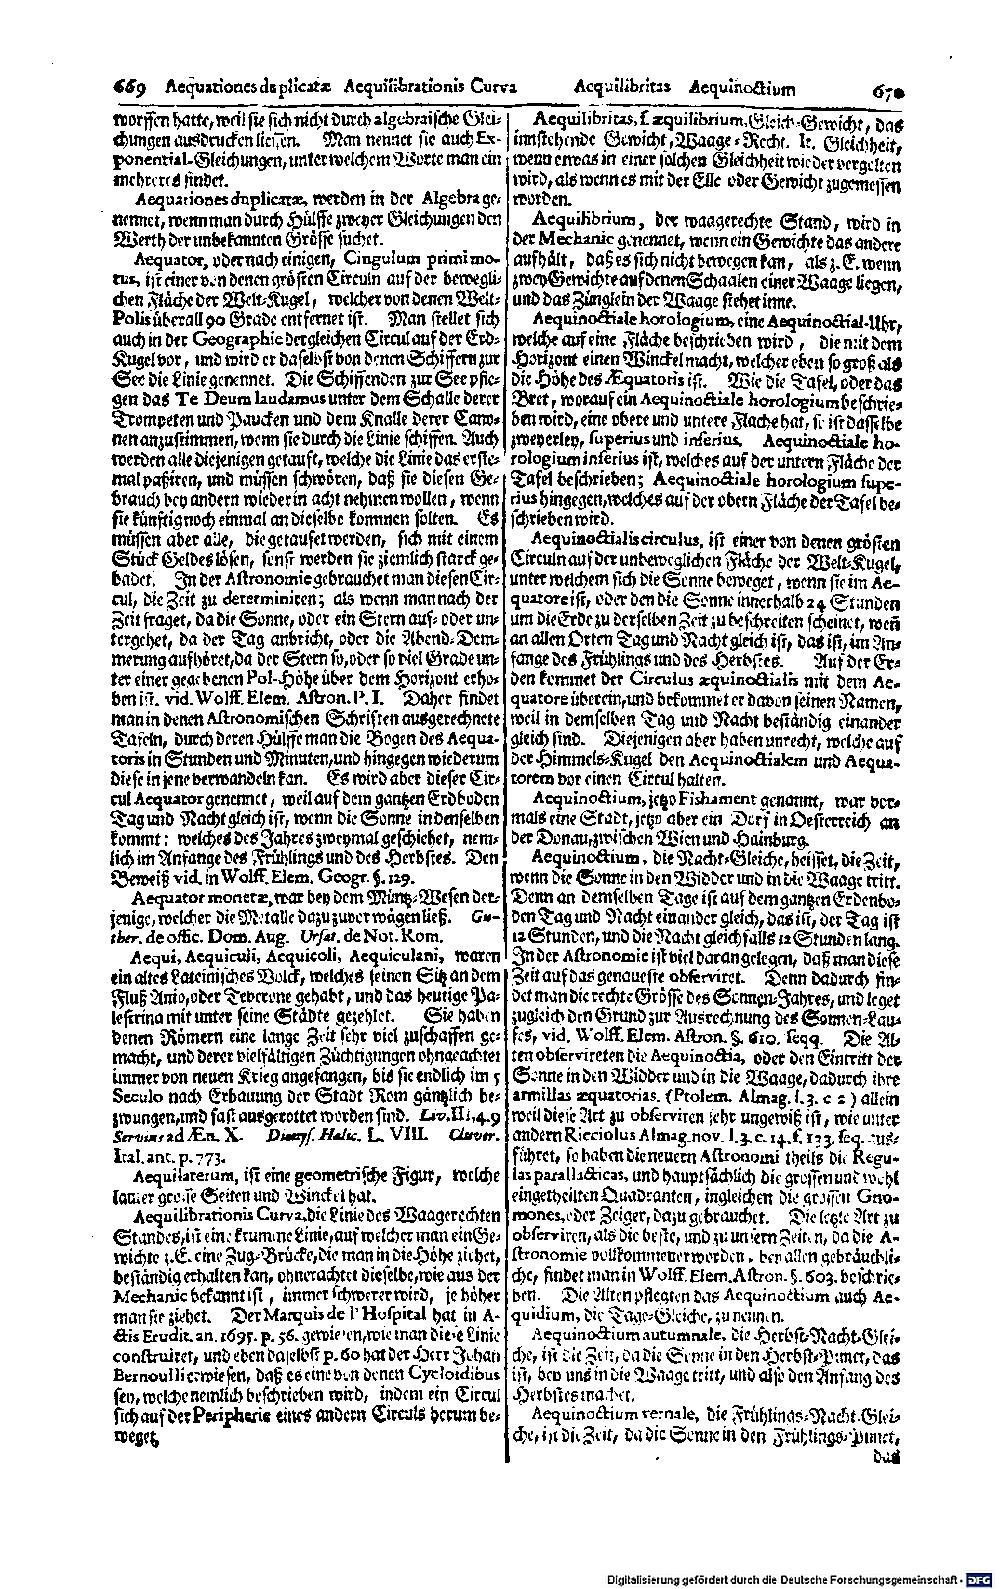 Bd. 01, Seite 0374.